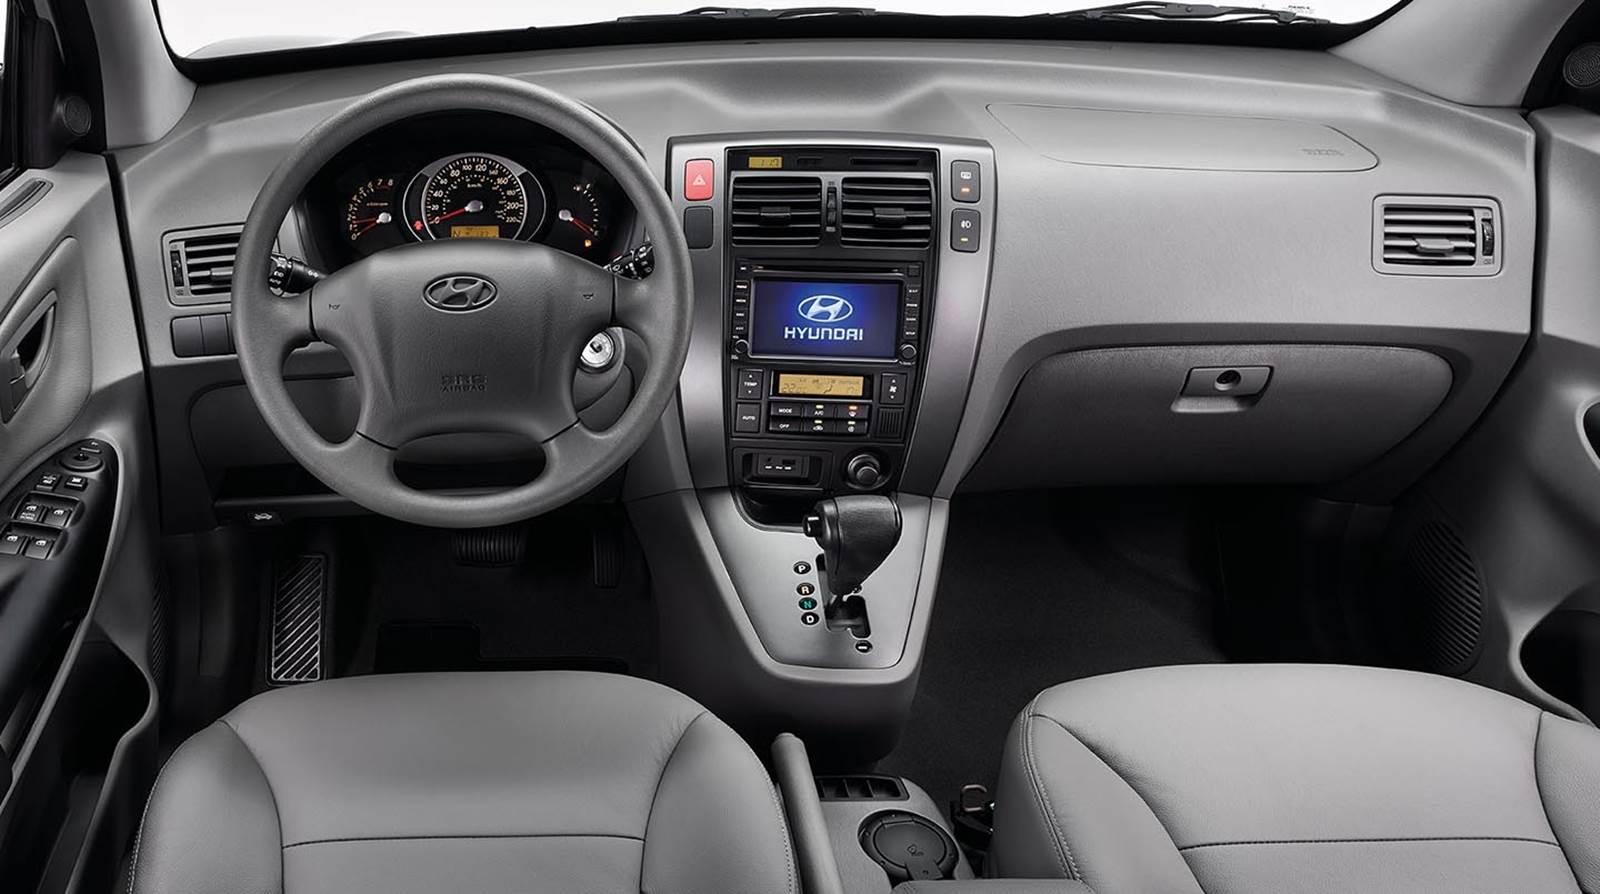 Hyundai Tucson 2016 2.0 Flex - Interior